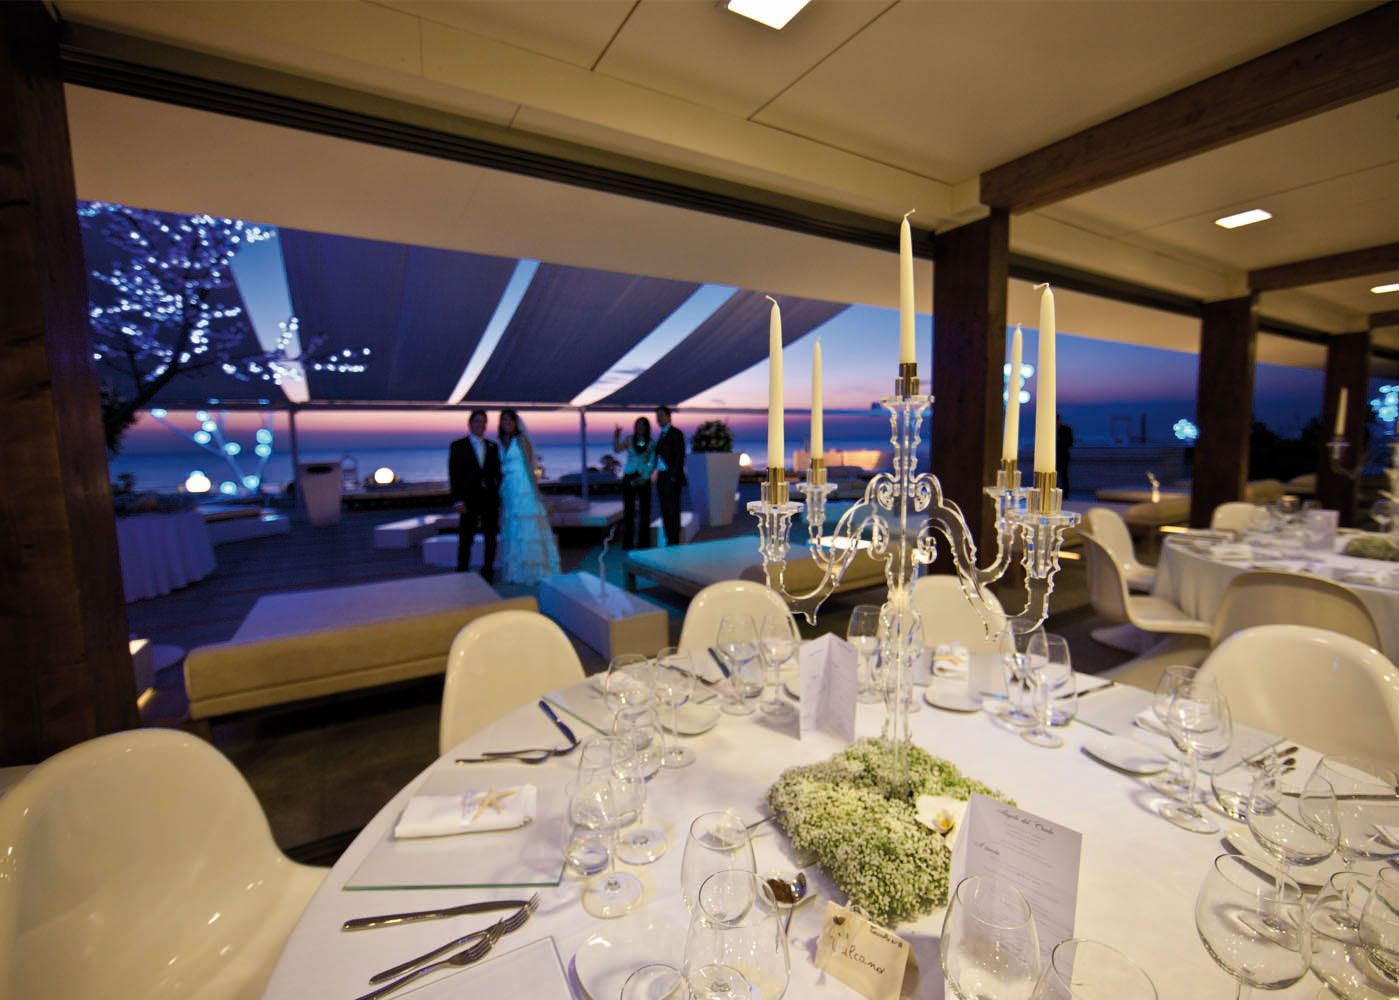 Matrimonio In Spiaggia Napoli : Come organizzare un matrimonio in spiaggia a napoli